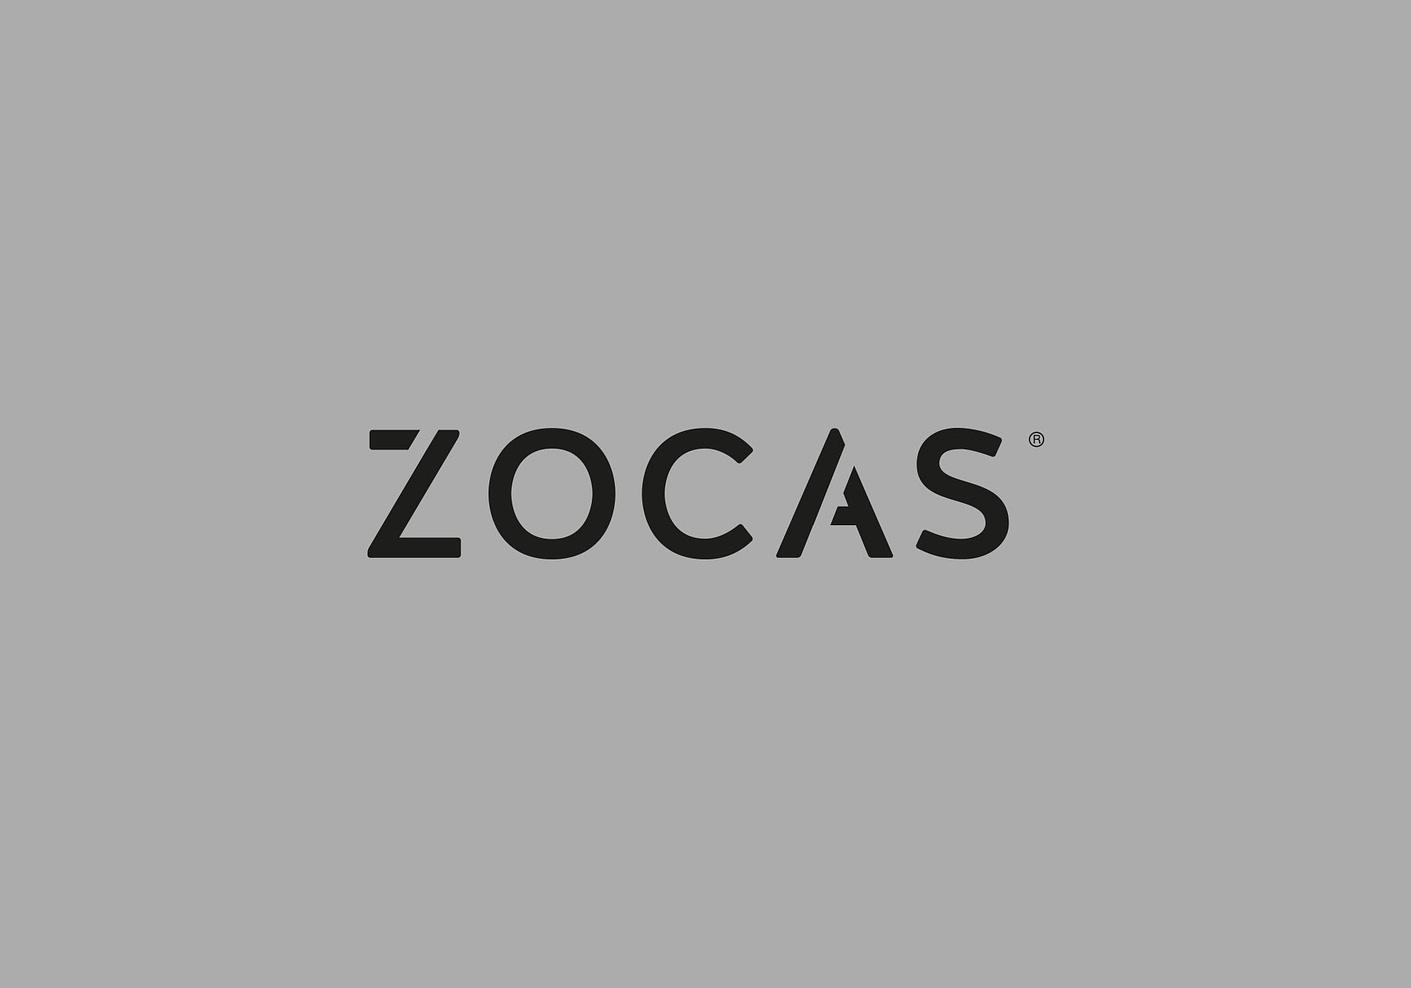 Zocas_diseño_logo